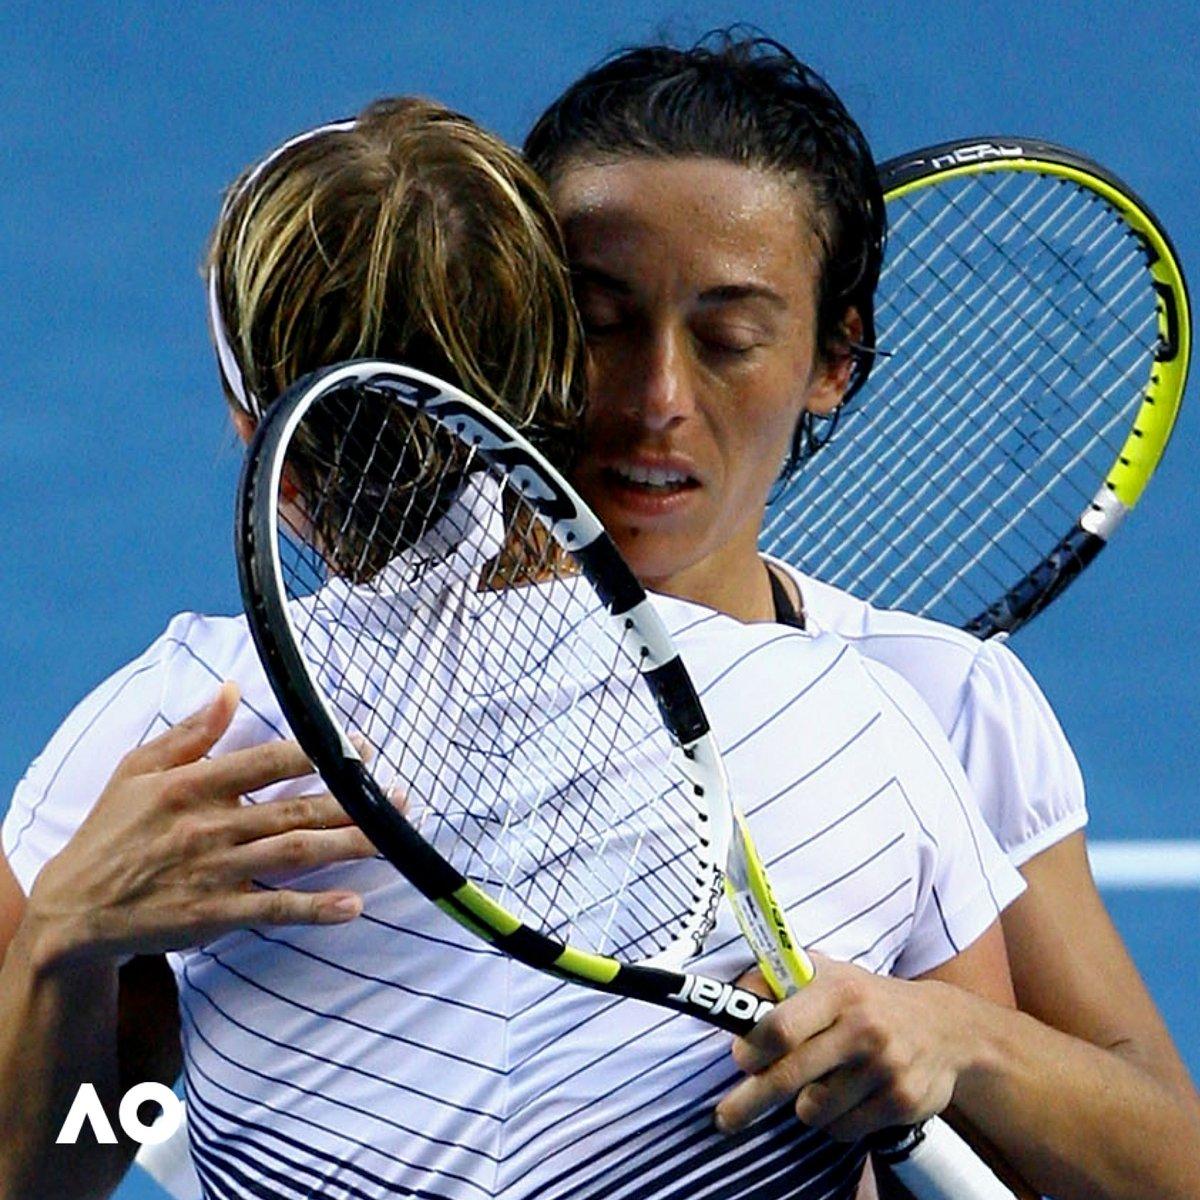 ⏰ 4 ore e 44 minuti entrati nella storia!  📍#AusOpen 2011📆 @Schiavone_Fra vs @SvetlanaK27  Il match femminile più lungo di sempre in uno Slam  #tennis  https://t.co/OIdcHiMlWn